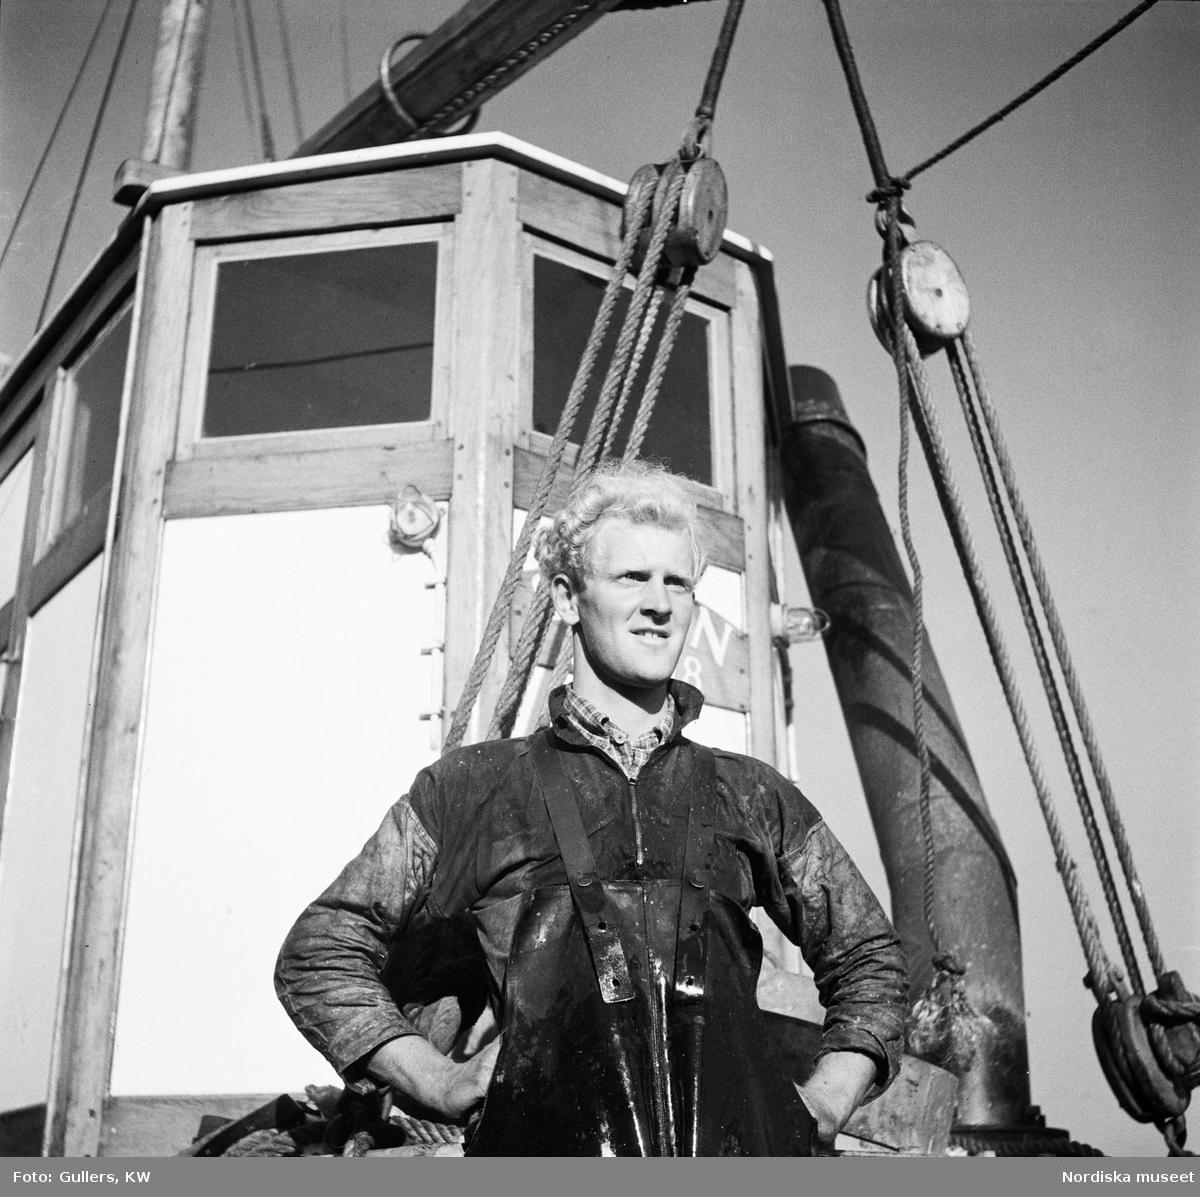 Fiskare ombord på fiskebåt, porträtt.